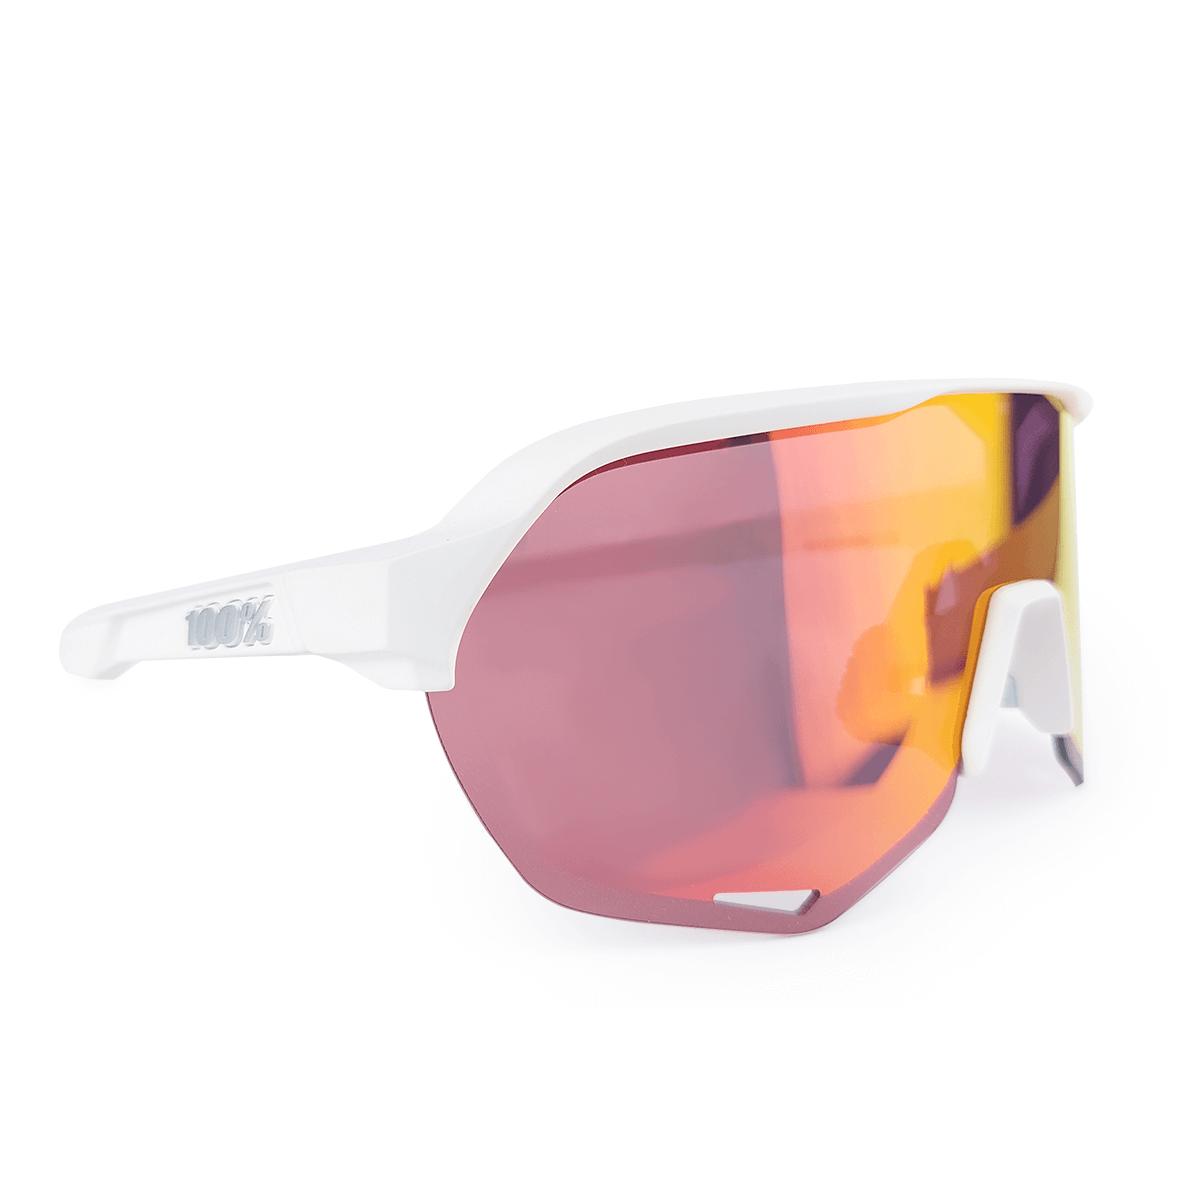 Oculos 100% S2 Espelhado 2 Lentes Ciclismo